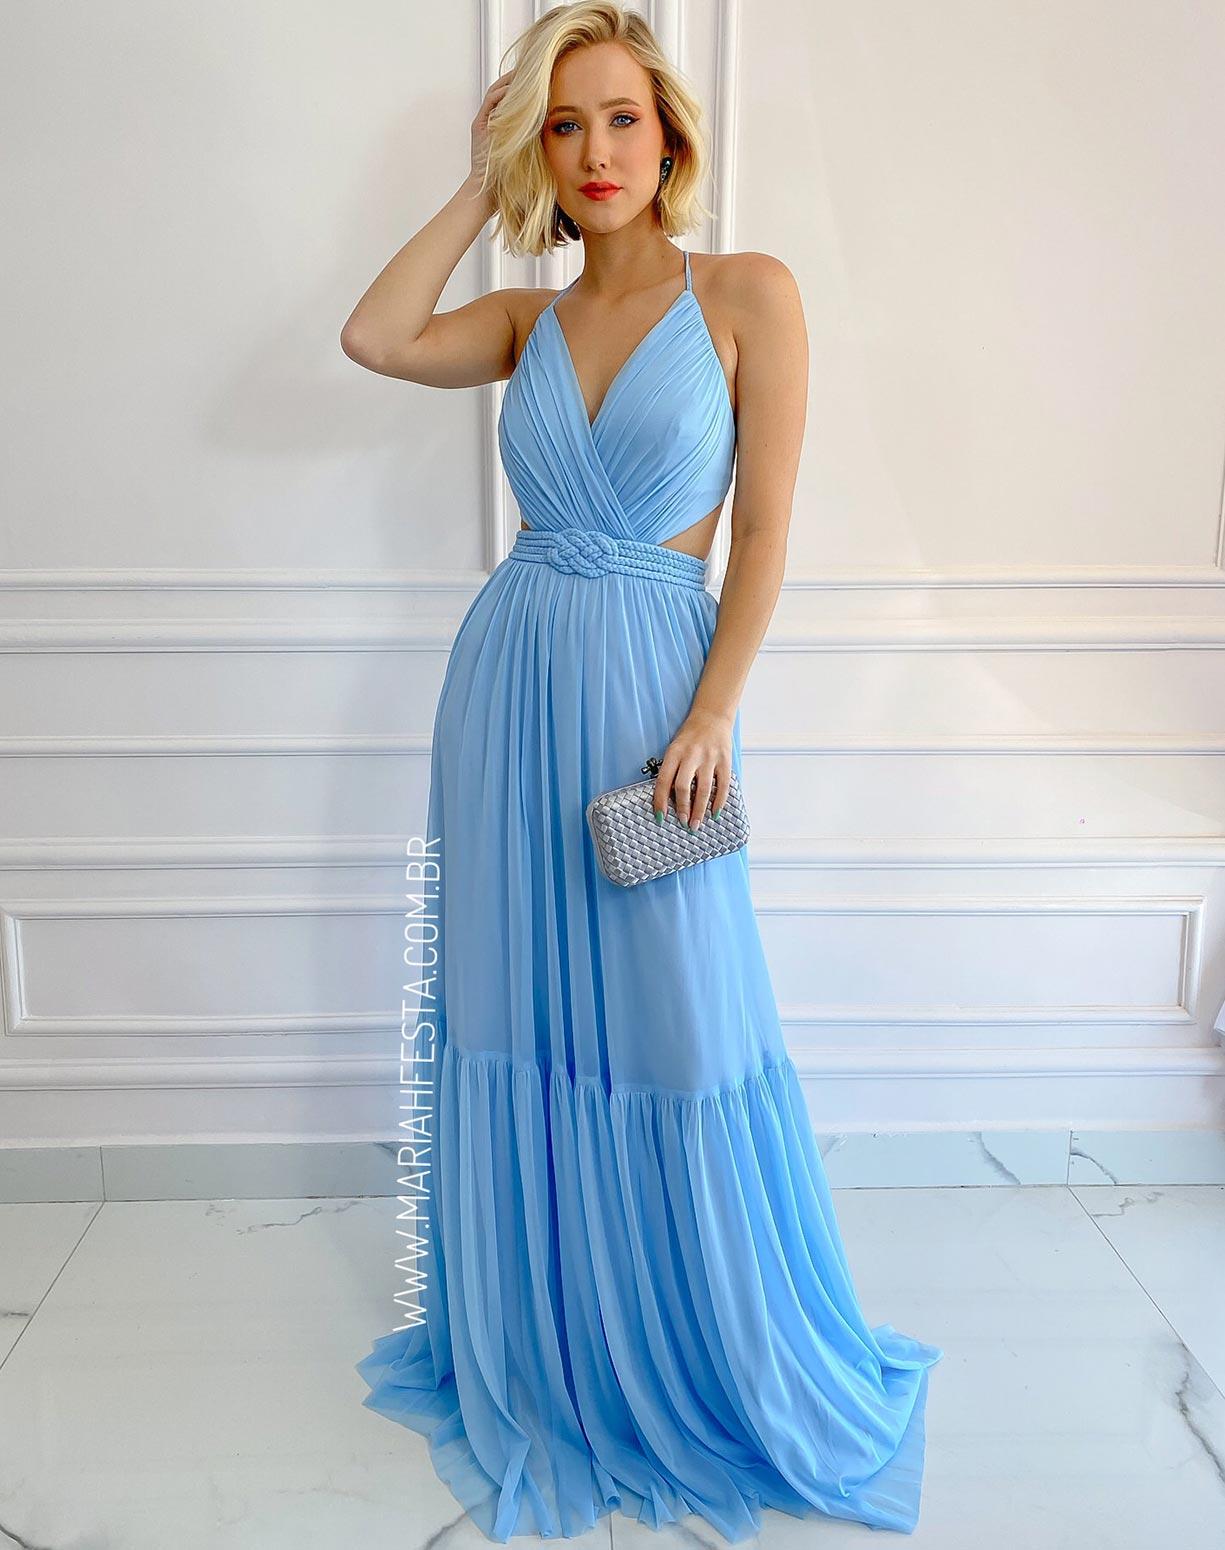 Vestido Azul Serenity em Tule com Cinto em Macramê